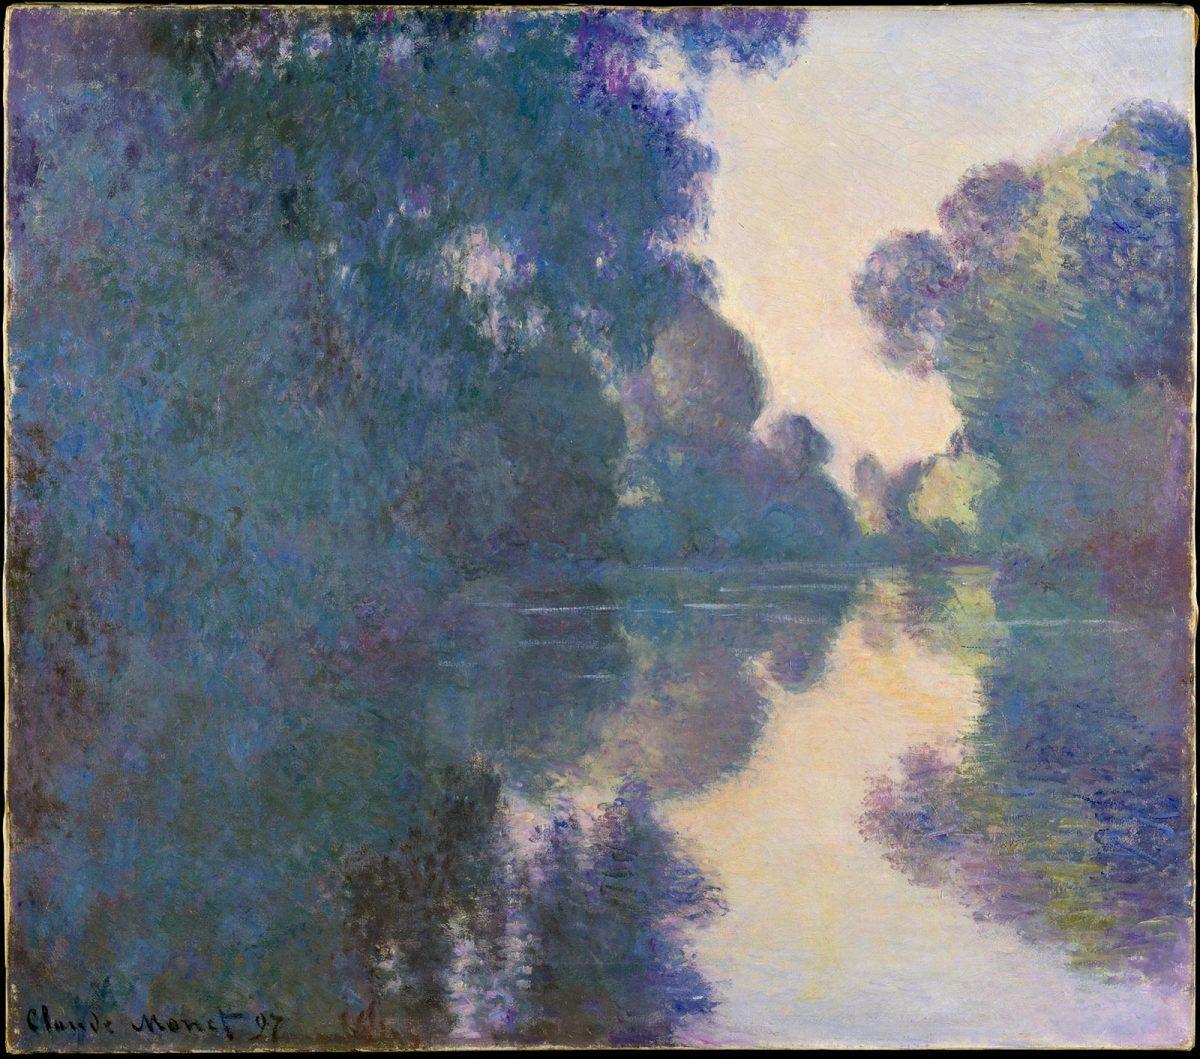 Bras de seine près de Giverny Claude Monet - impressionnisme